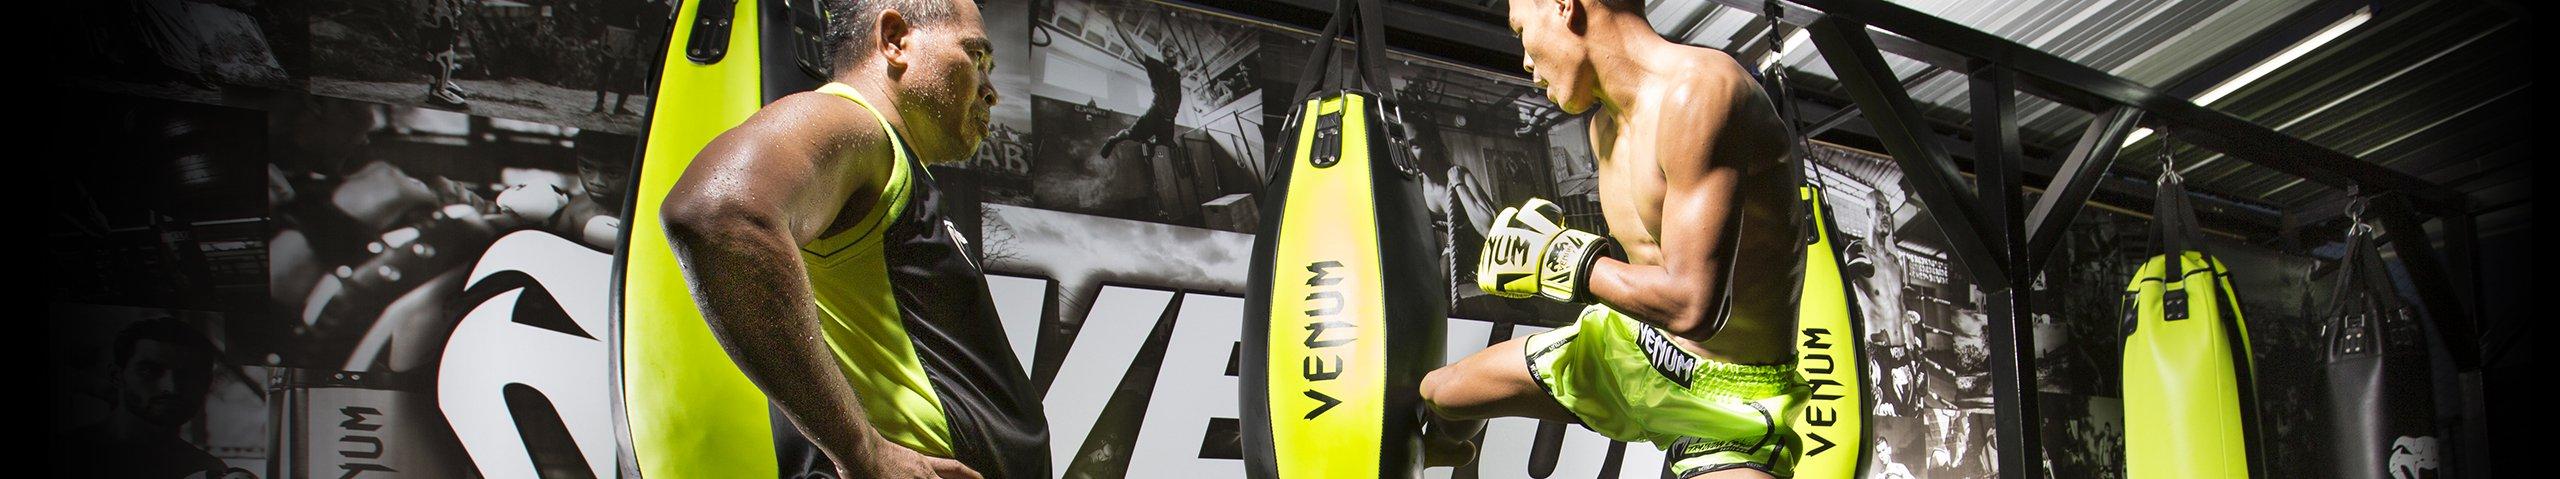 Venum Muay Thai & Thai Boxing Gear   Venum.com Asia